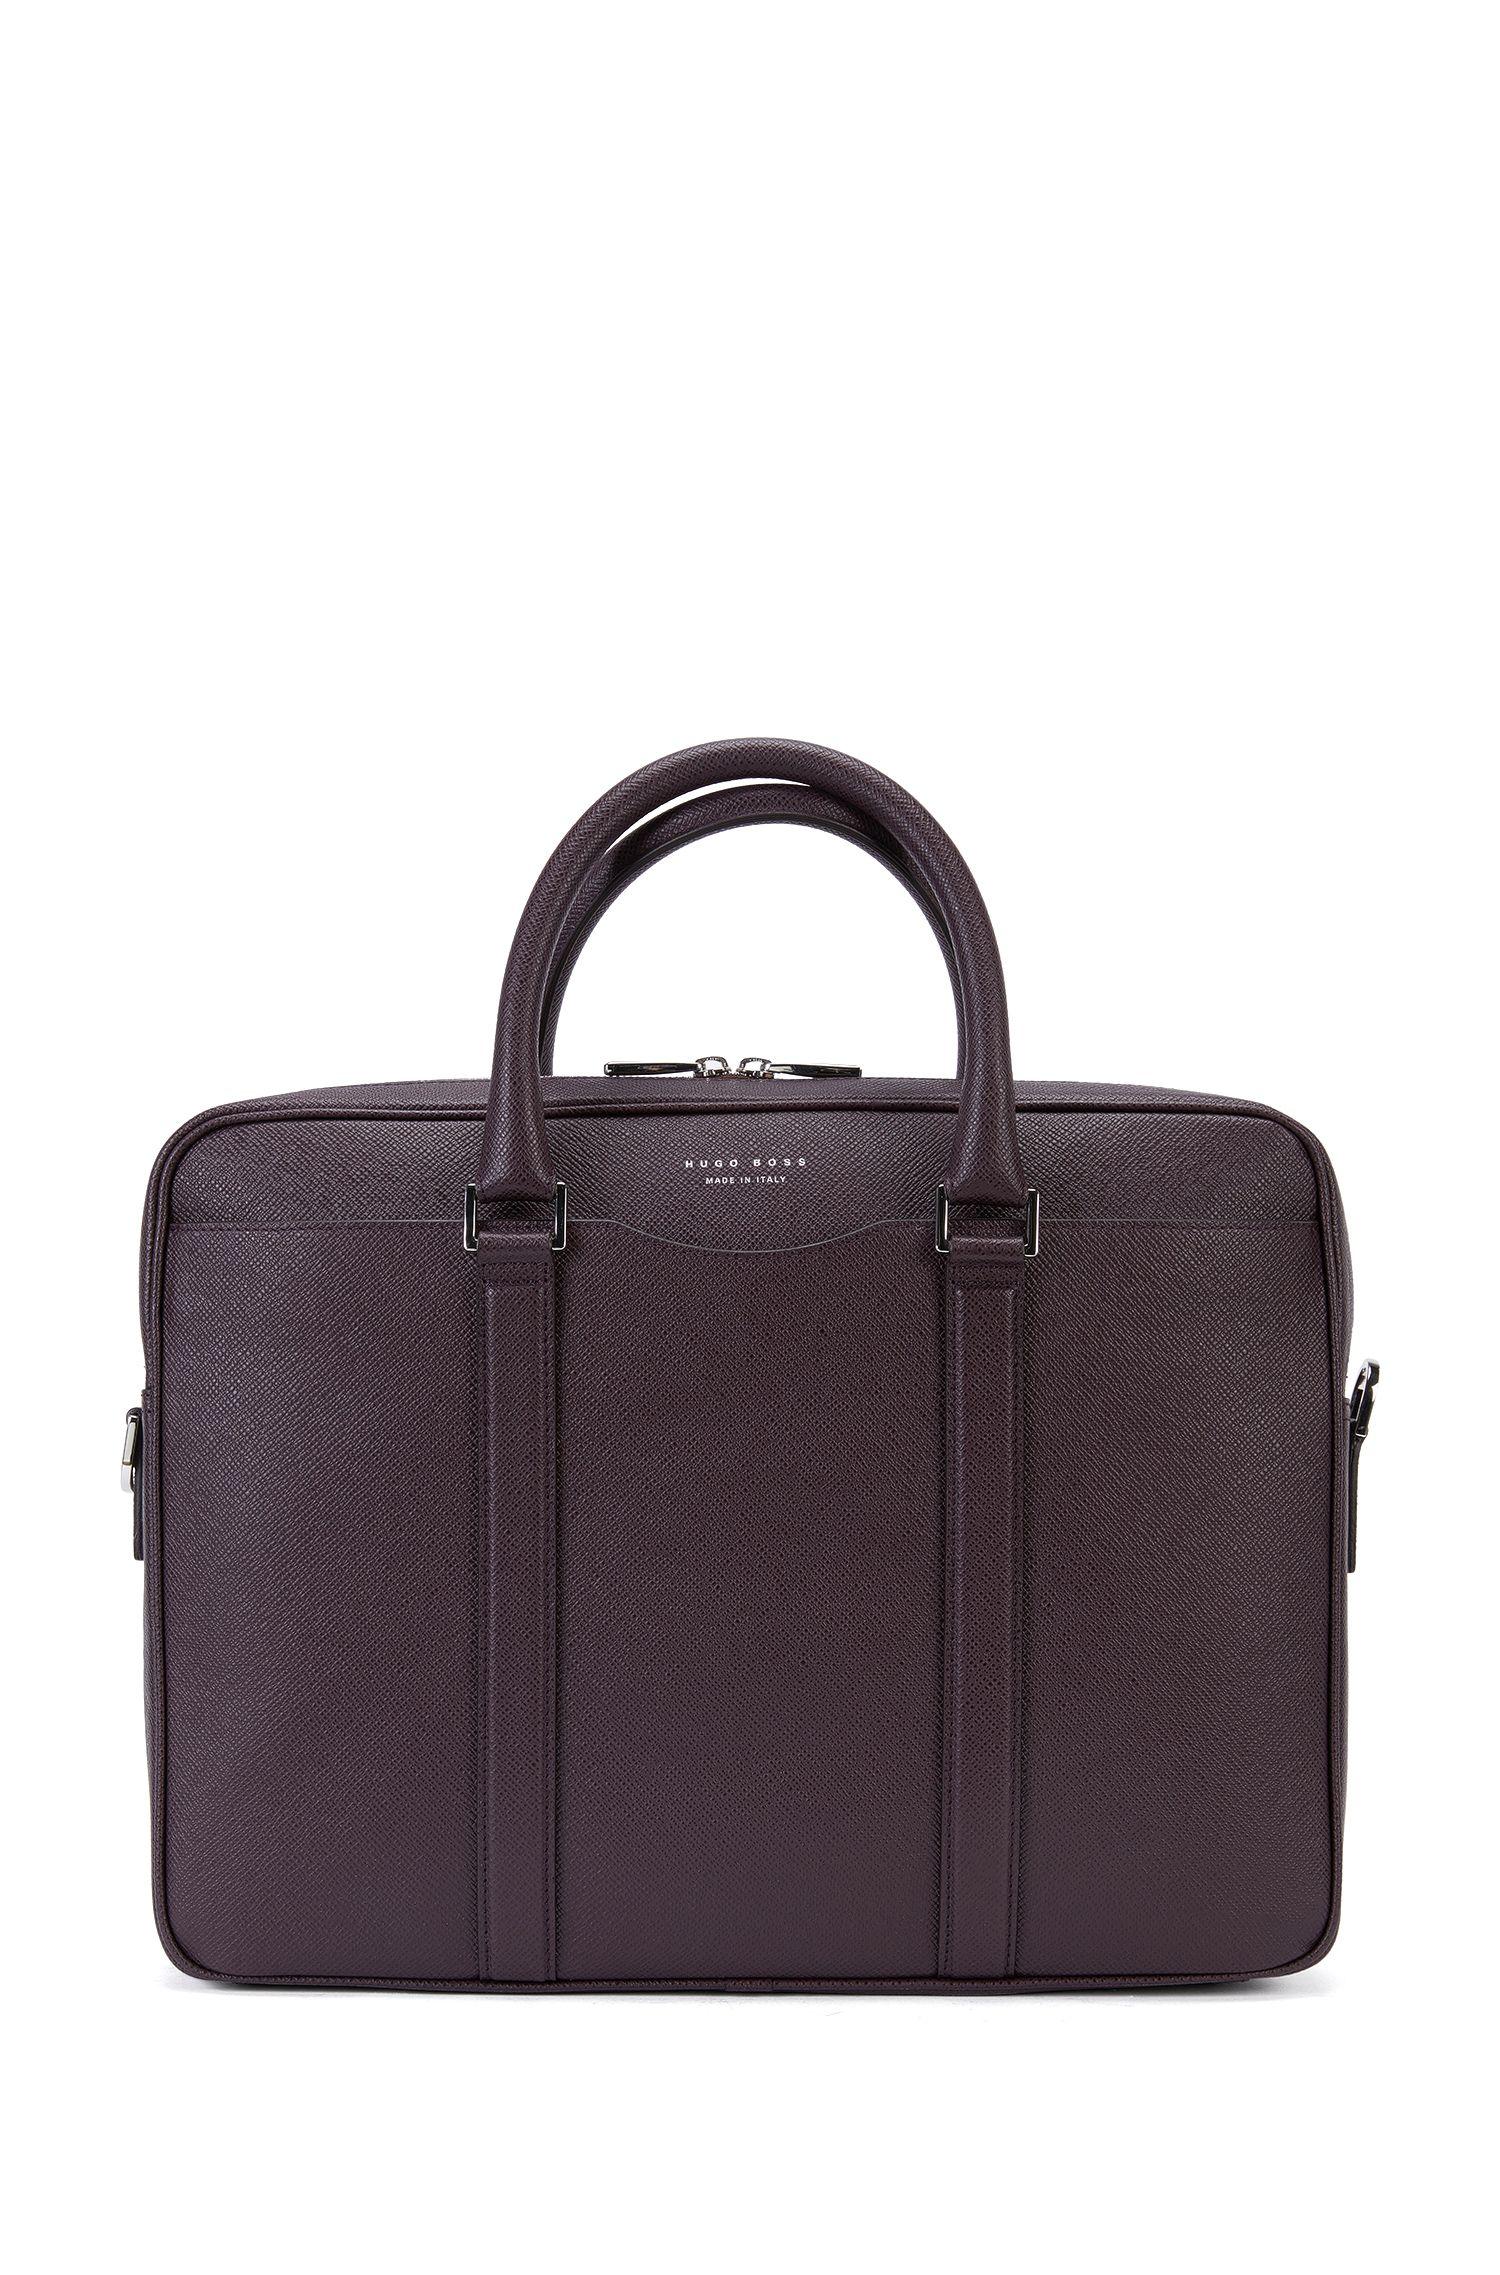 Tasche aus Palmellato-Leder aus der Signature Kollektion von BOSS